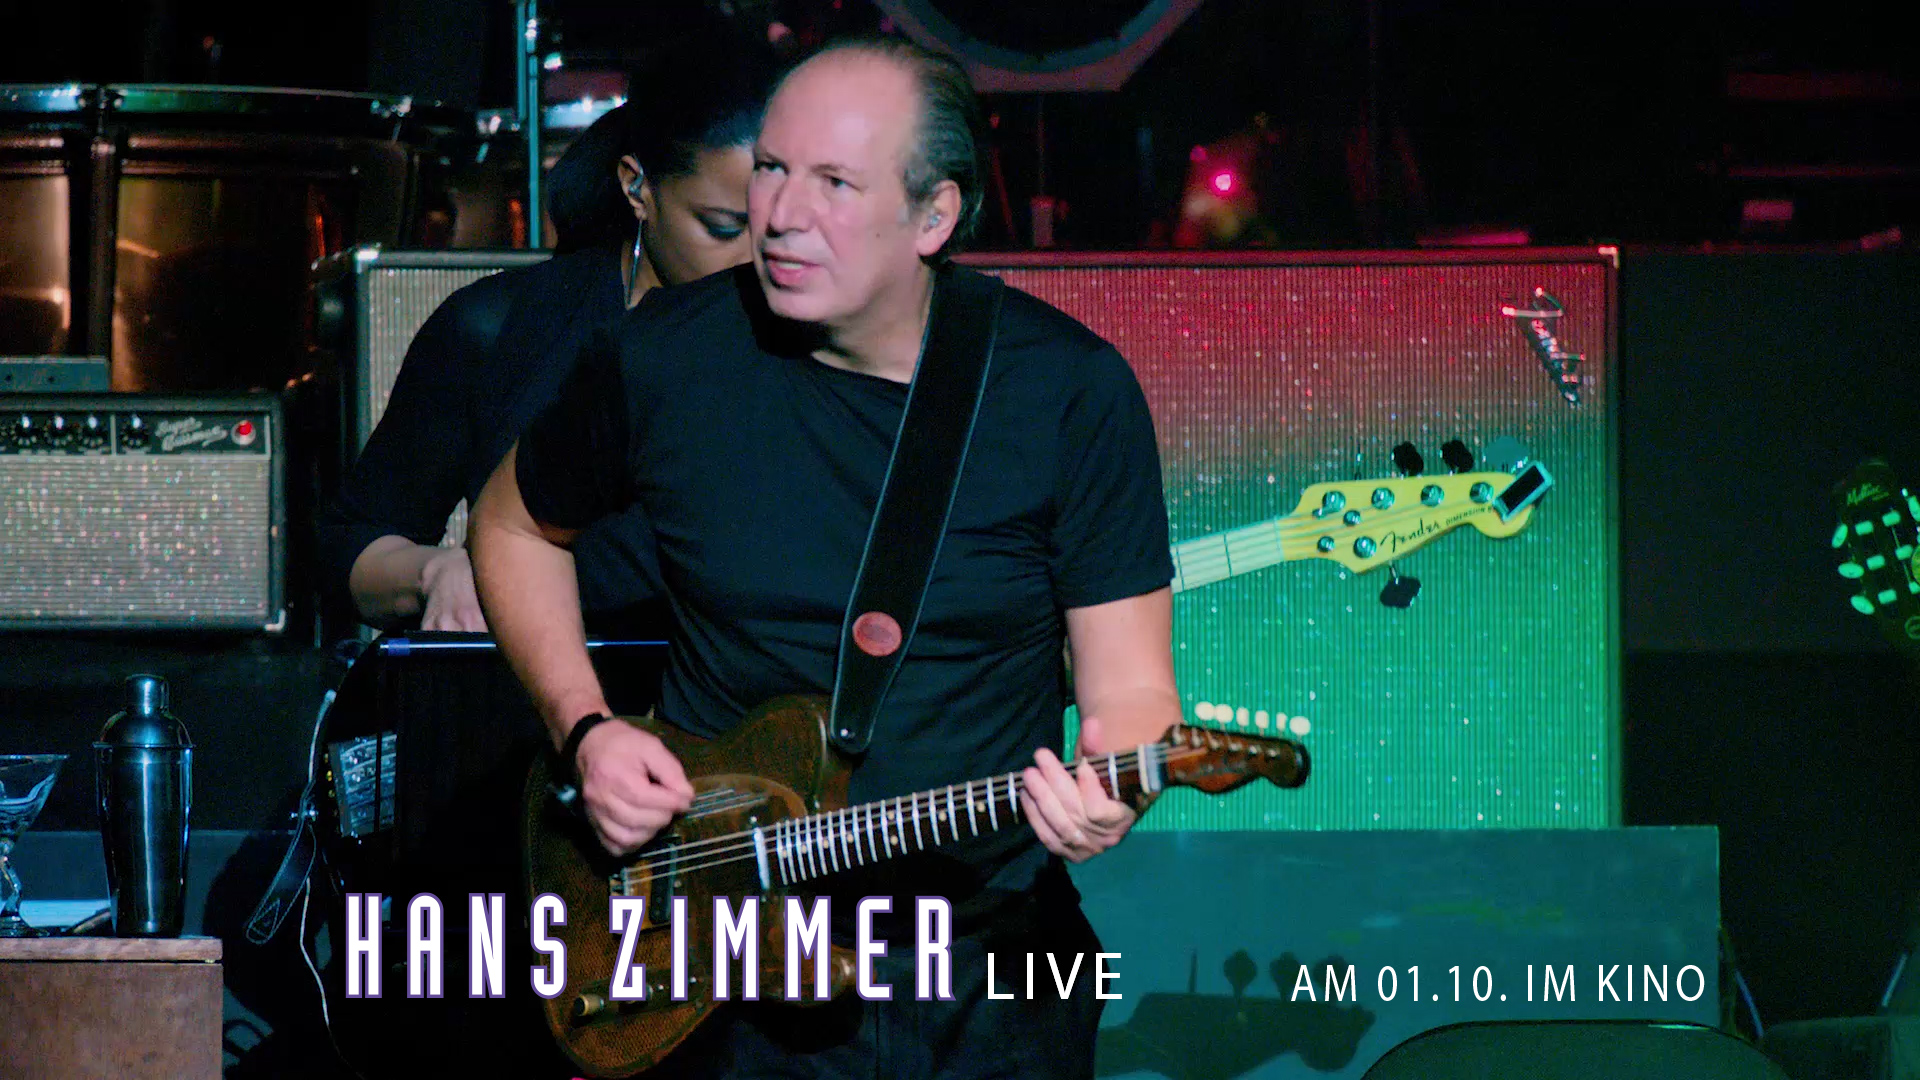 HANS-ZIMMER-LIVE_Trailer_Thumbnail_Hans2.jpg